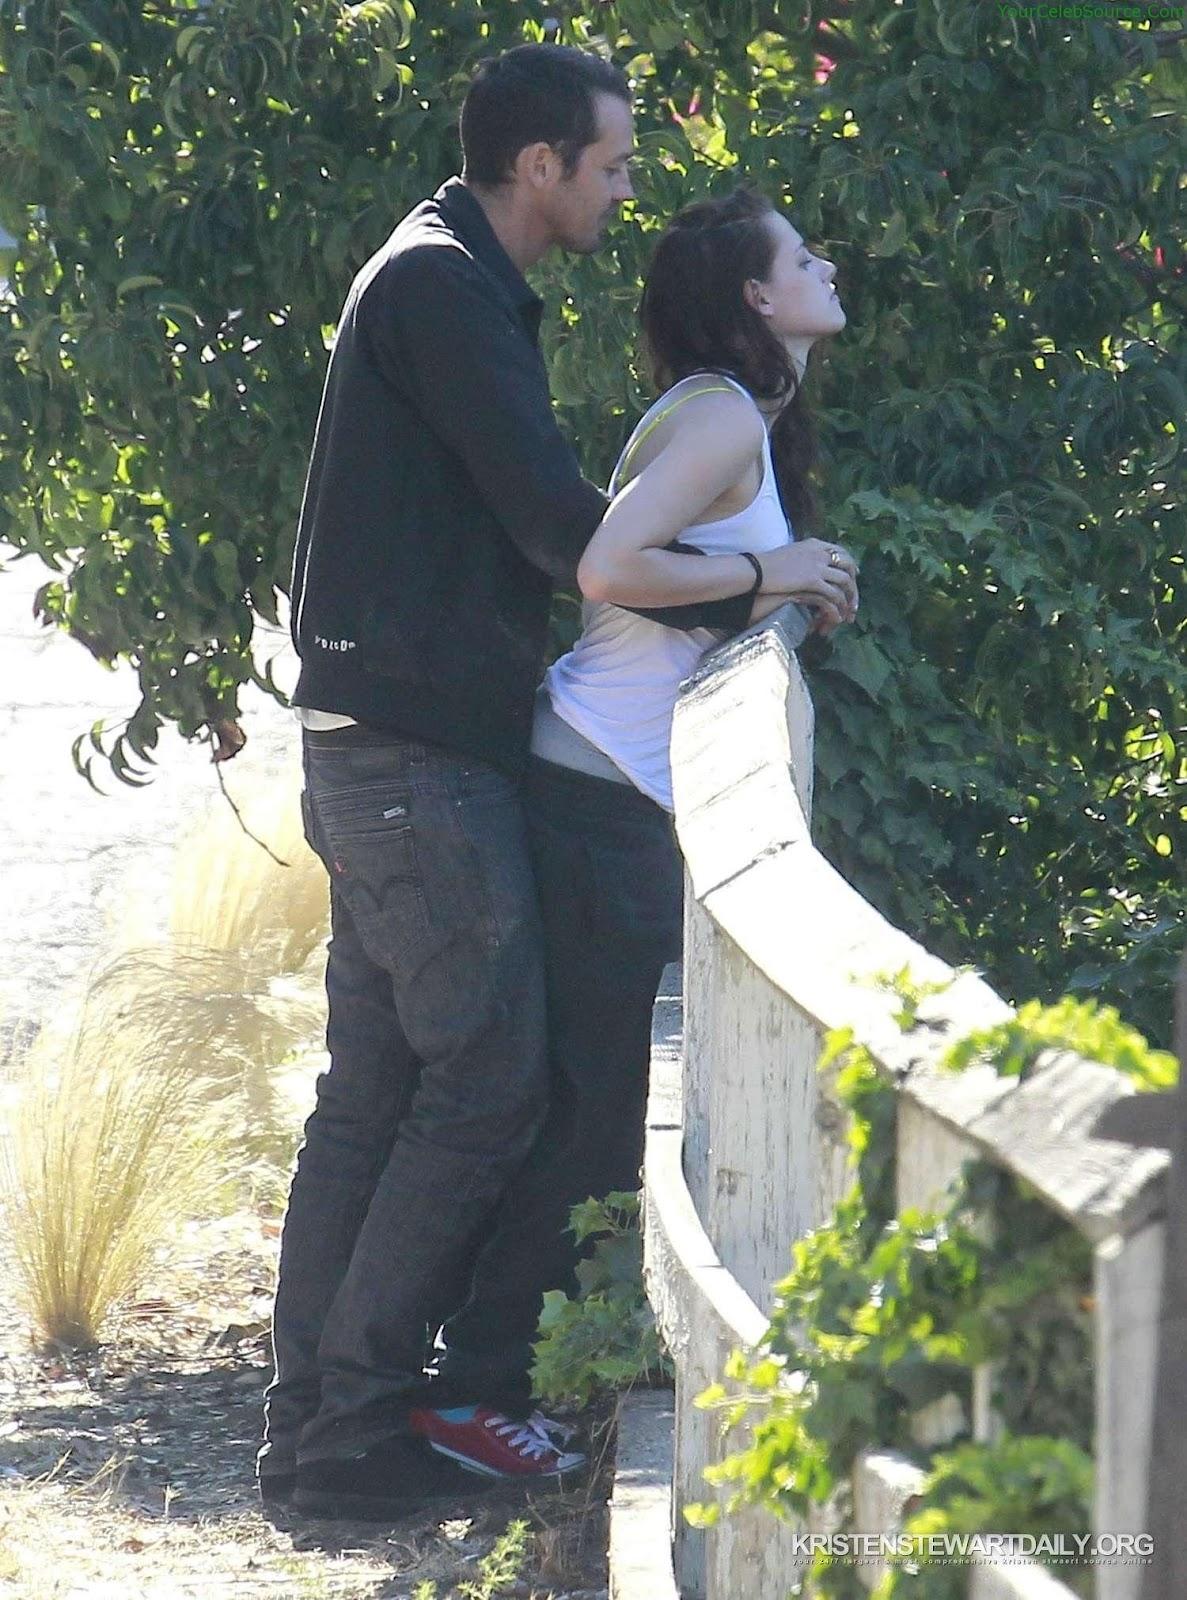 http://4.bp.blogspot.com/-4SKL4Ex-ok4/UB6p6wAJd5I/AAAAAAAACEY/Qcn00odfDm4/s1600/Kristen-Stewart-Rupert-Sanders-Hugging-Love-8.jpg